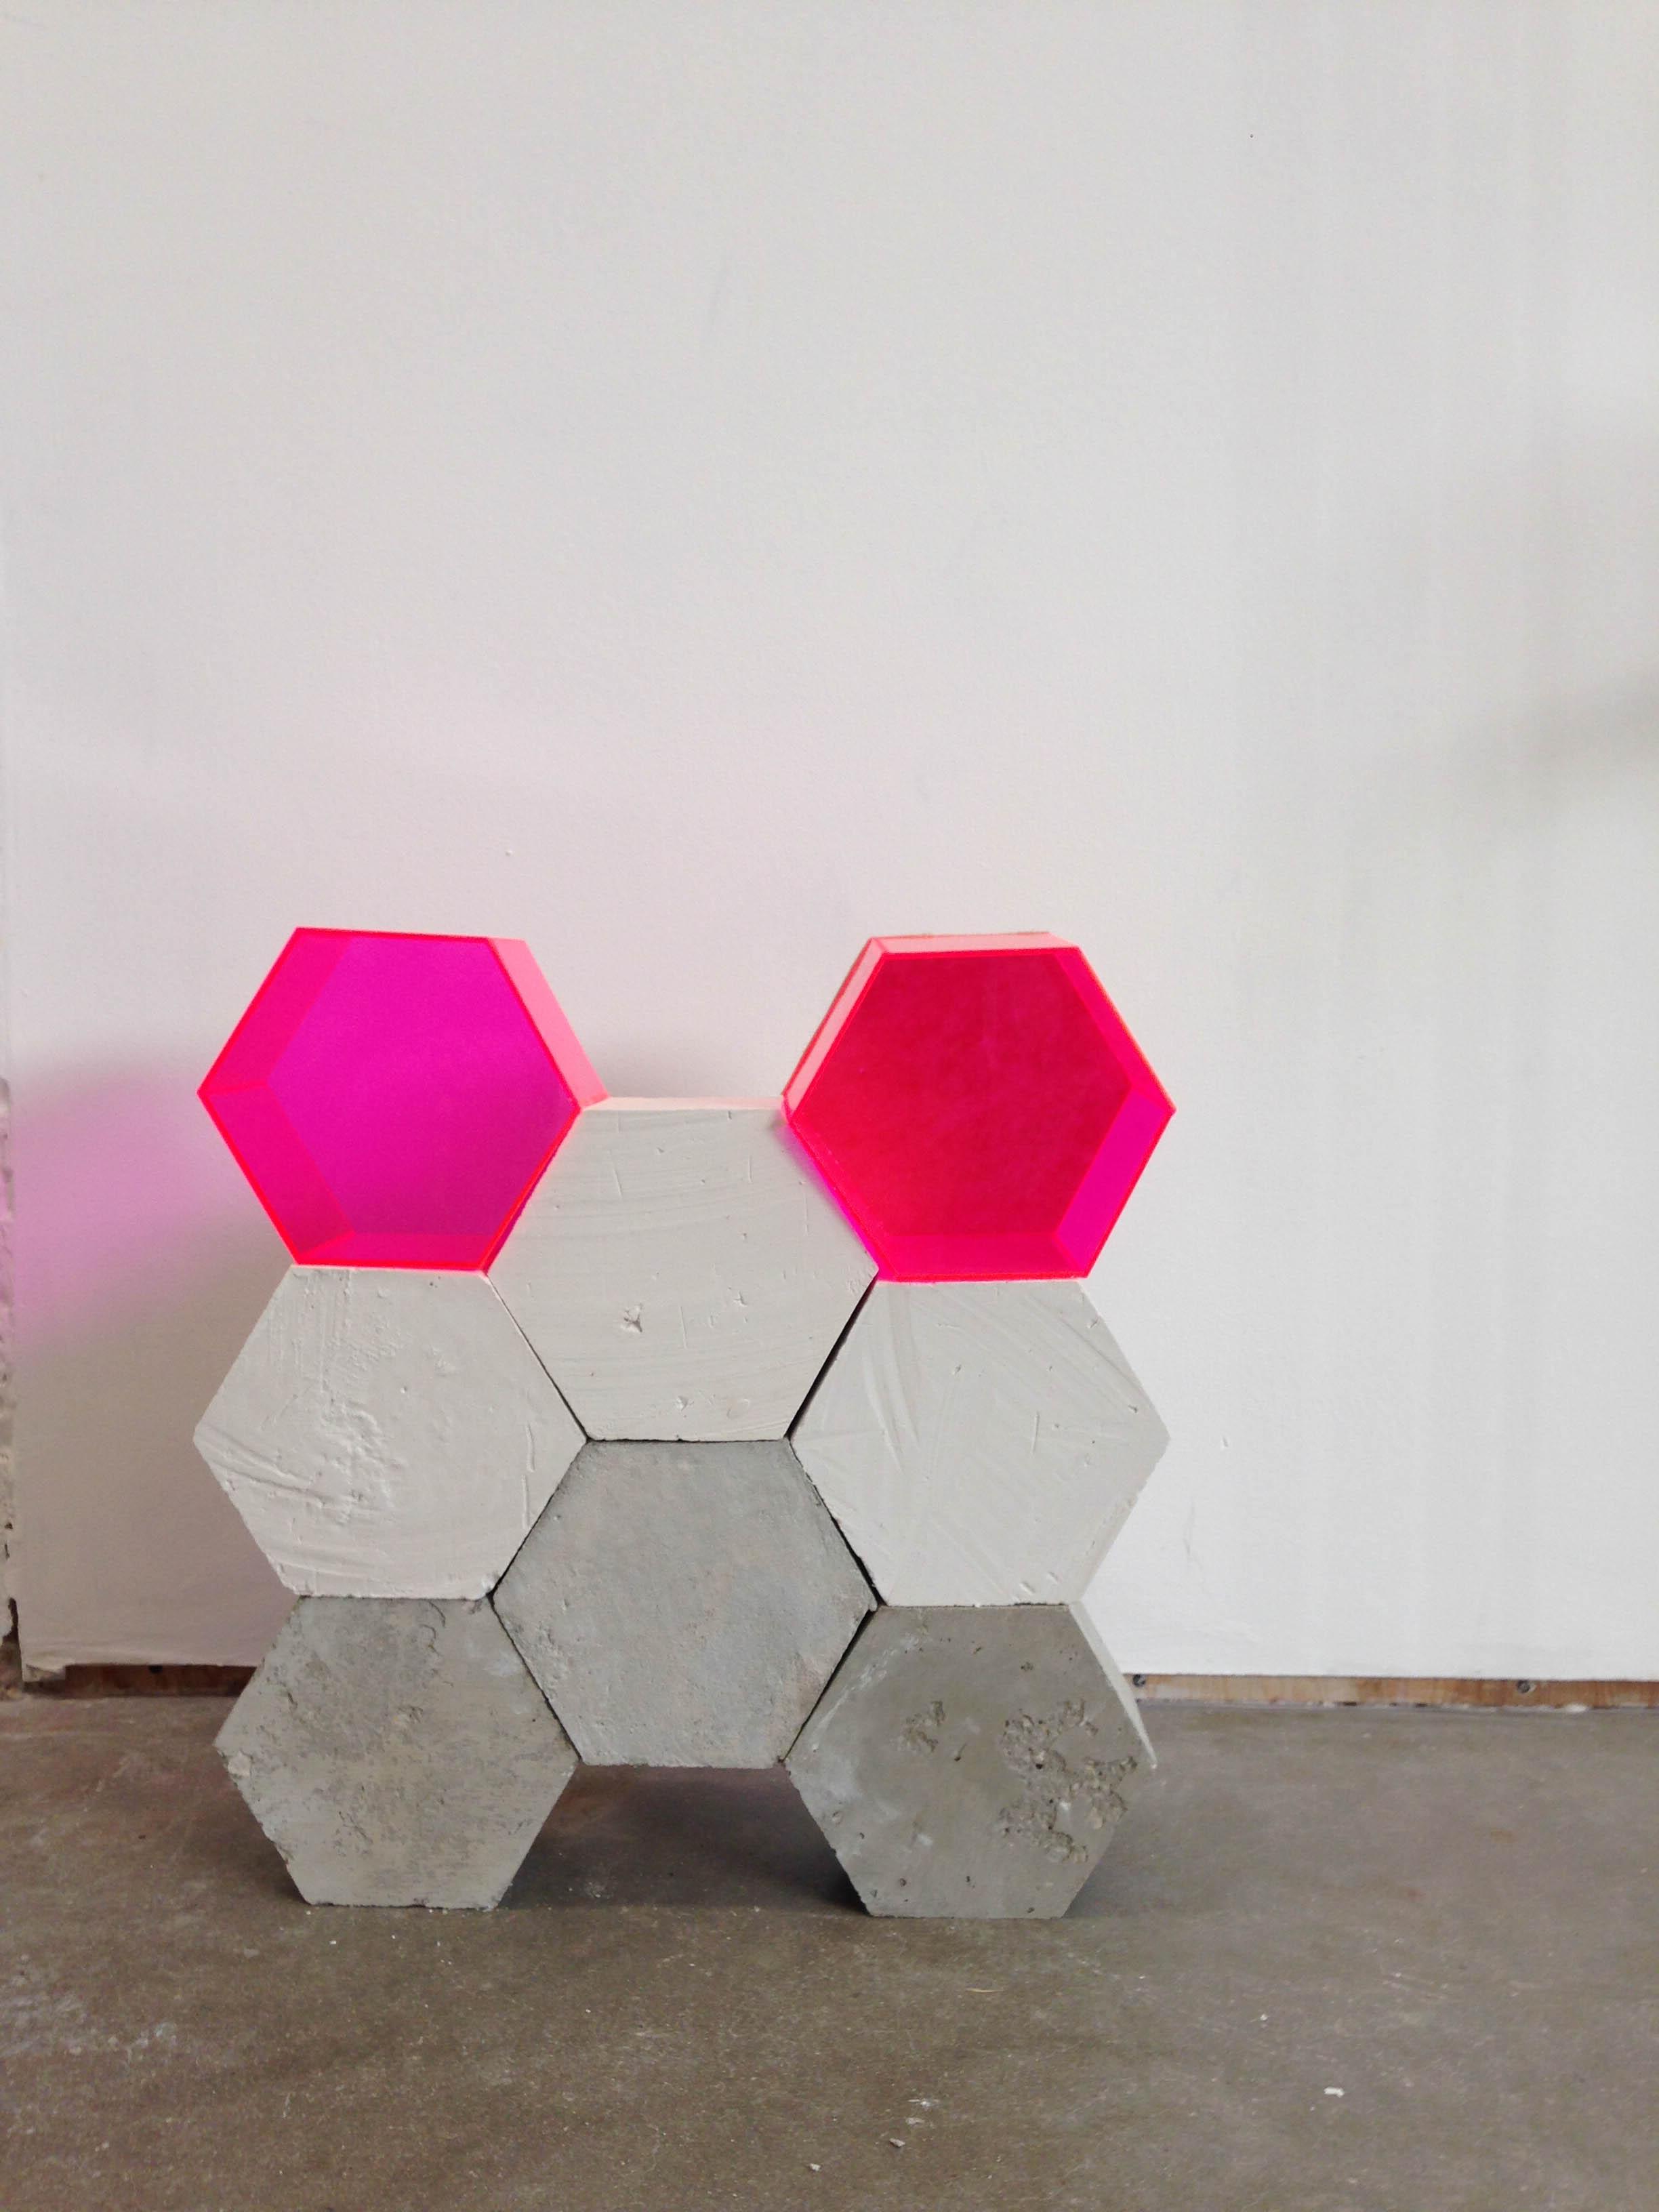 Walls   1.5' x 2'; cement, plaster, plexiglass